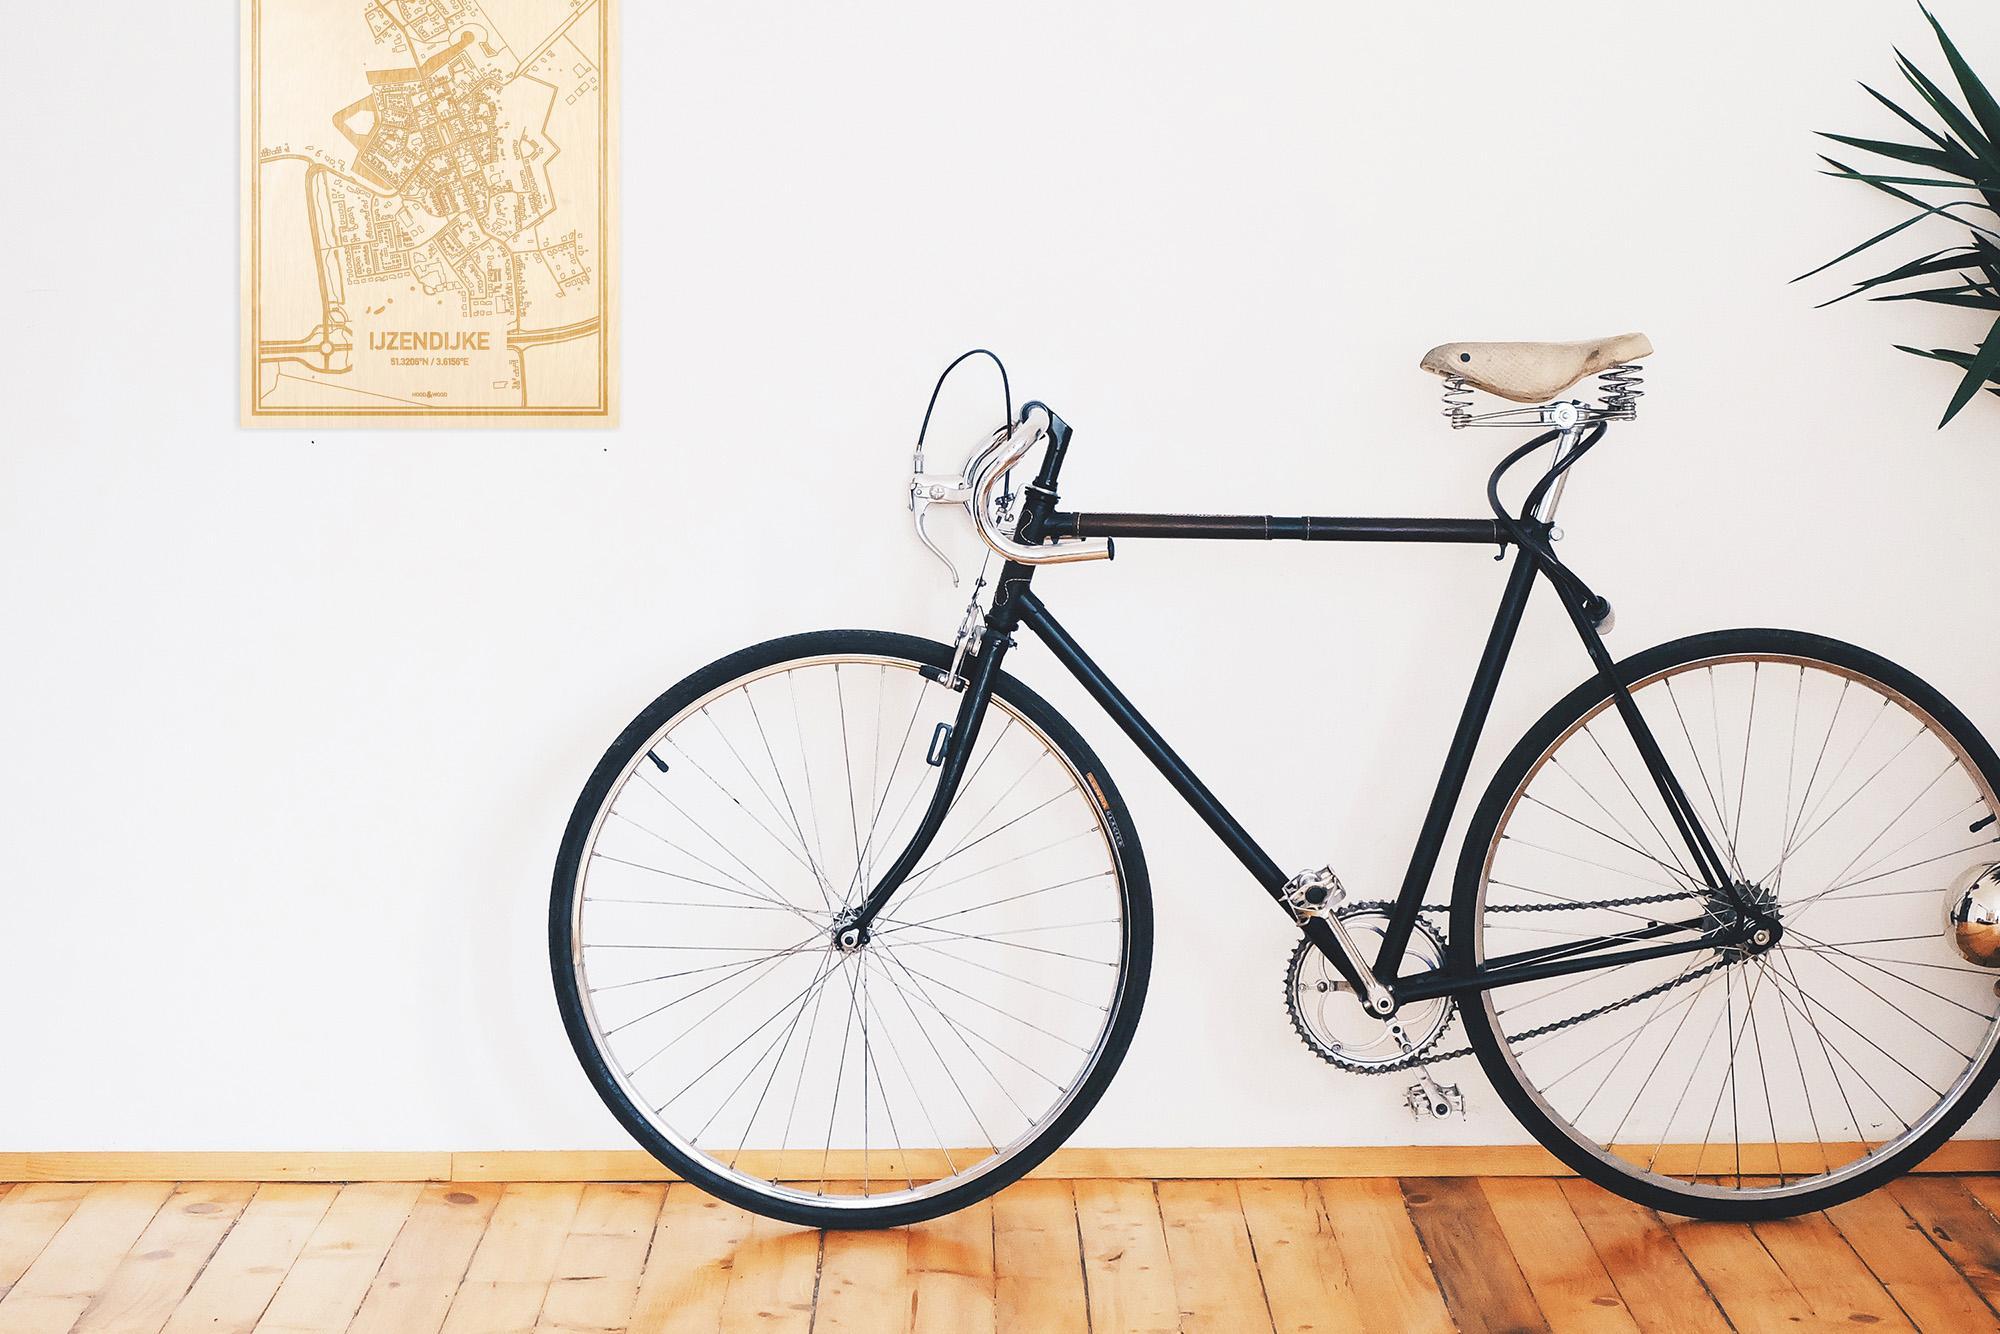 Een snelle fiets in een uniek interieur in Zeeland met mooie decoratie zoals de plattegrond IJzendijke.